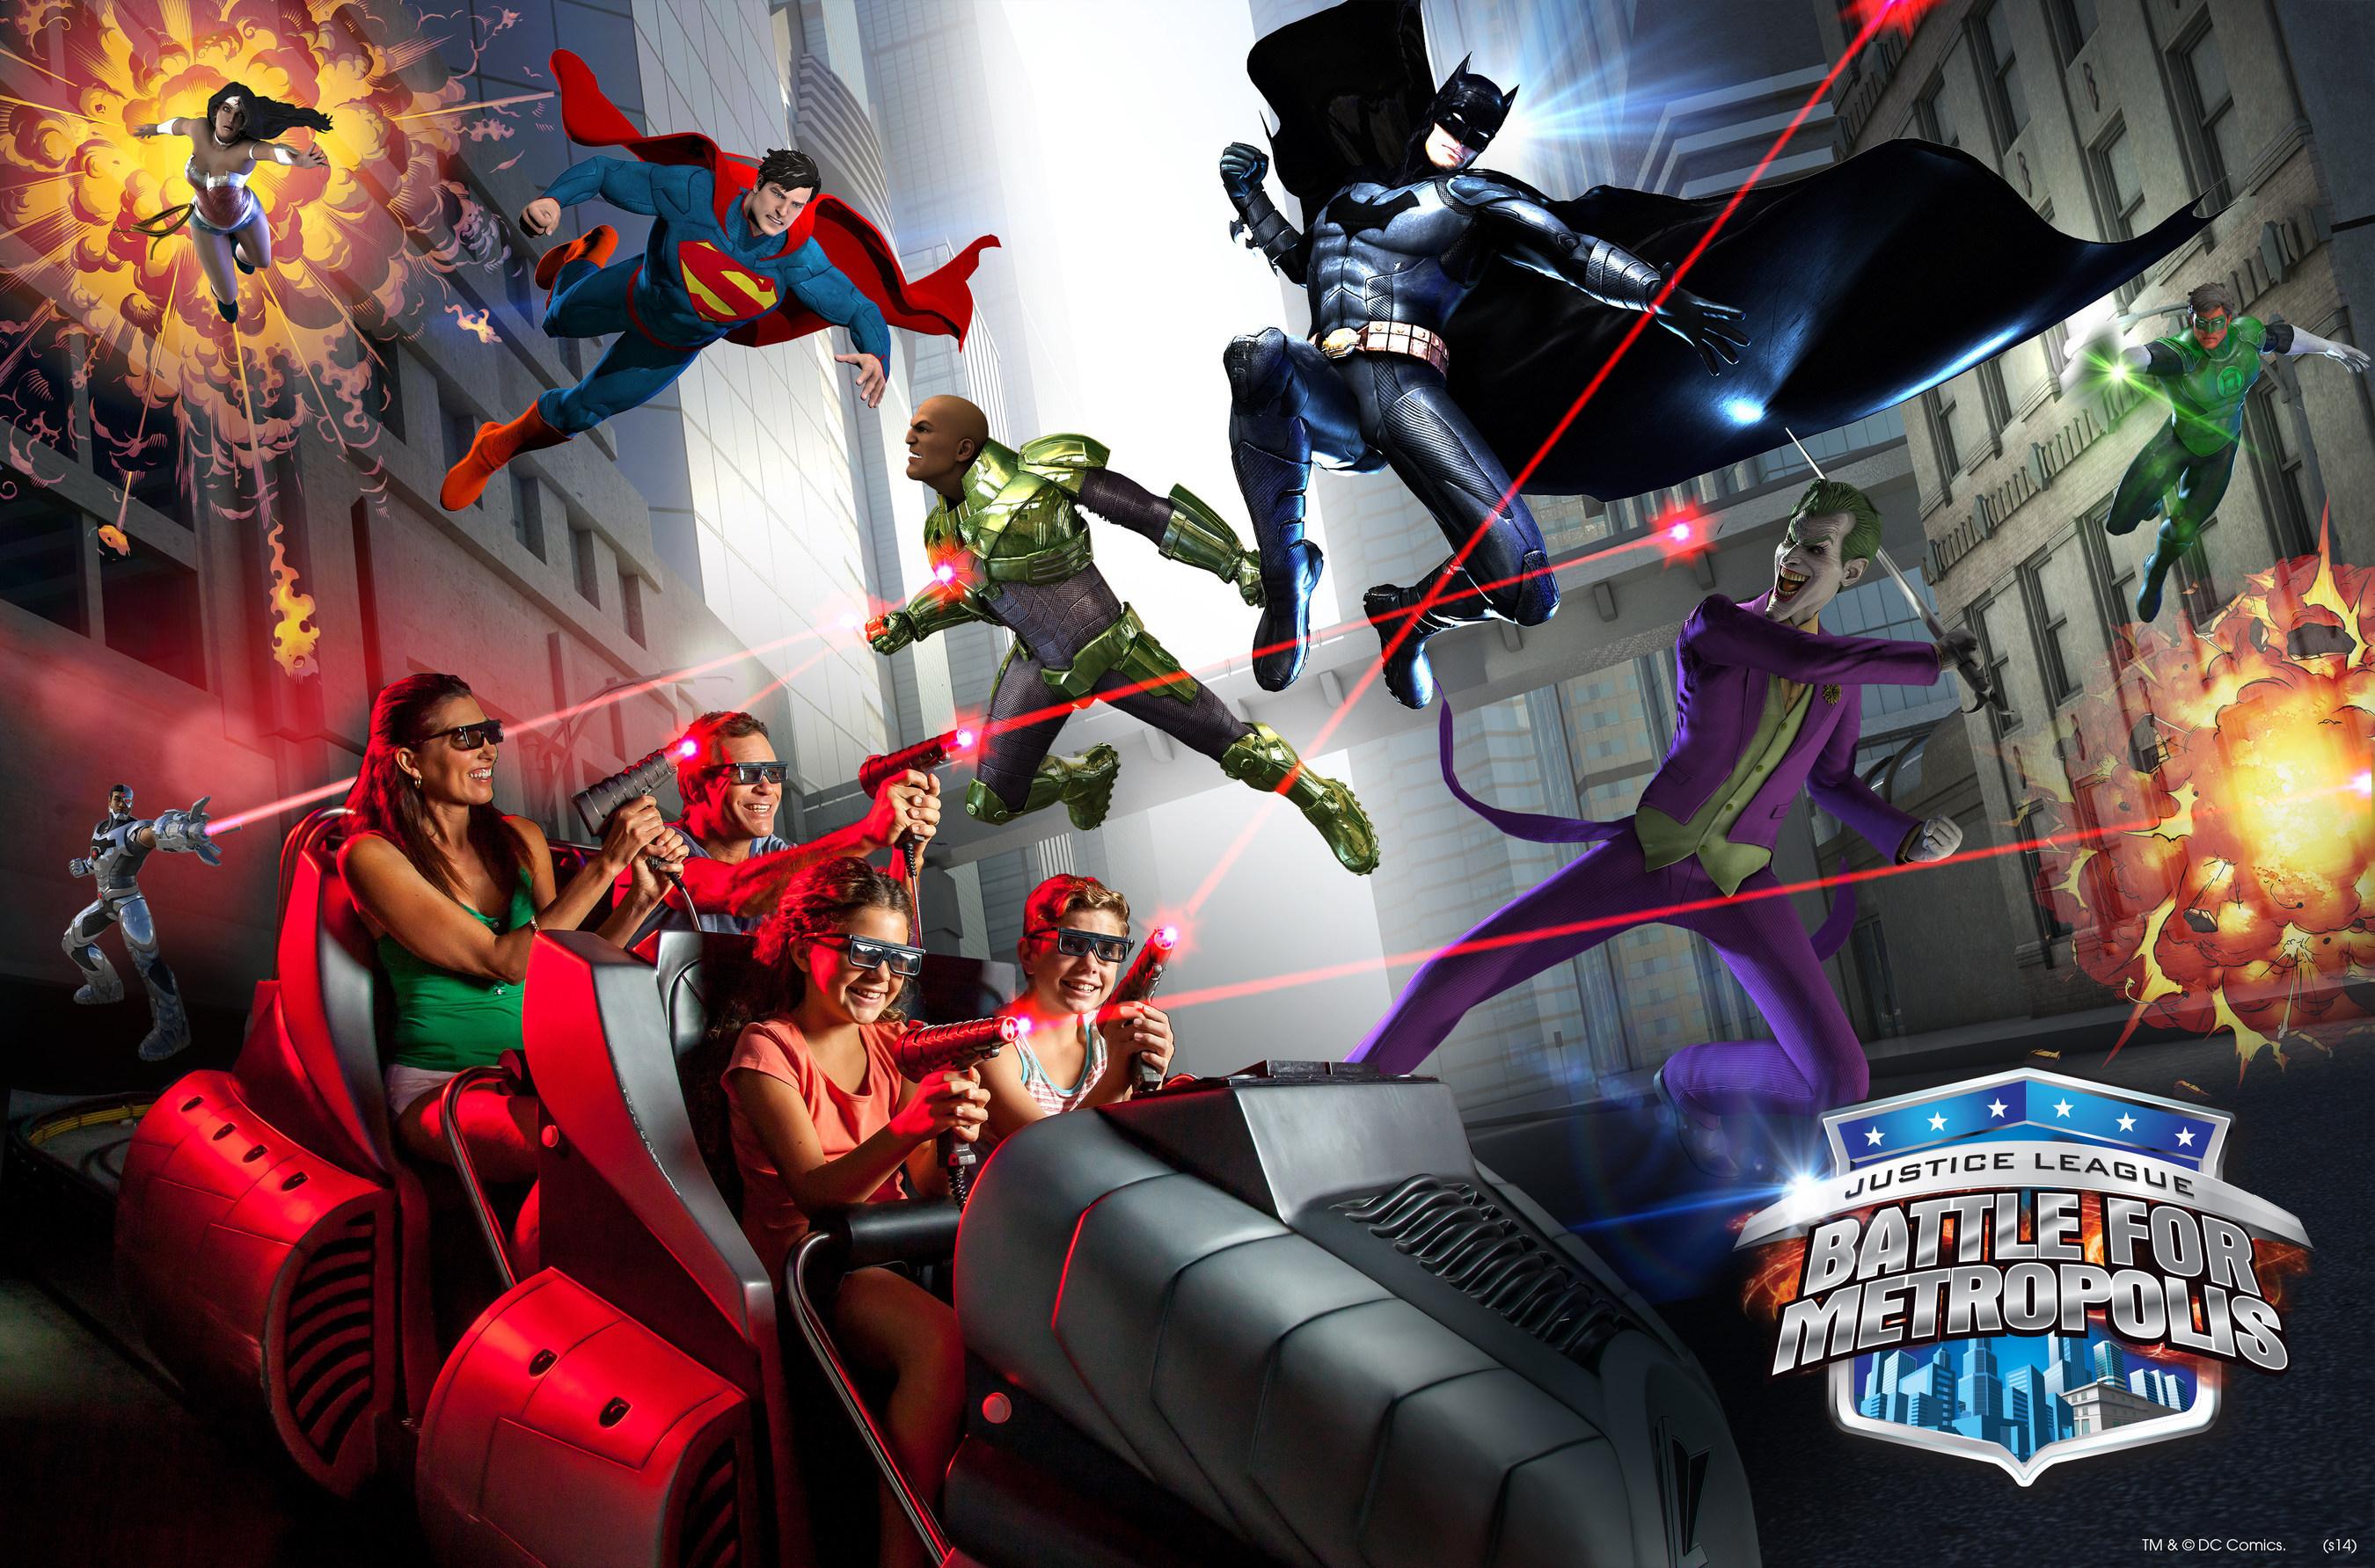 Six Flags Introduces JUSTICE LEAGUE: BATTLE FOR METROPOLIS